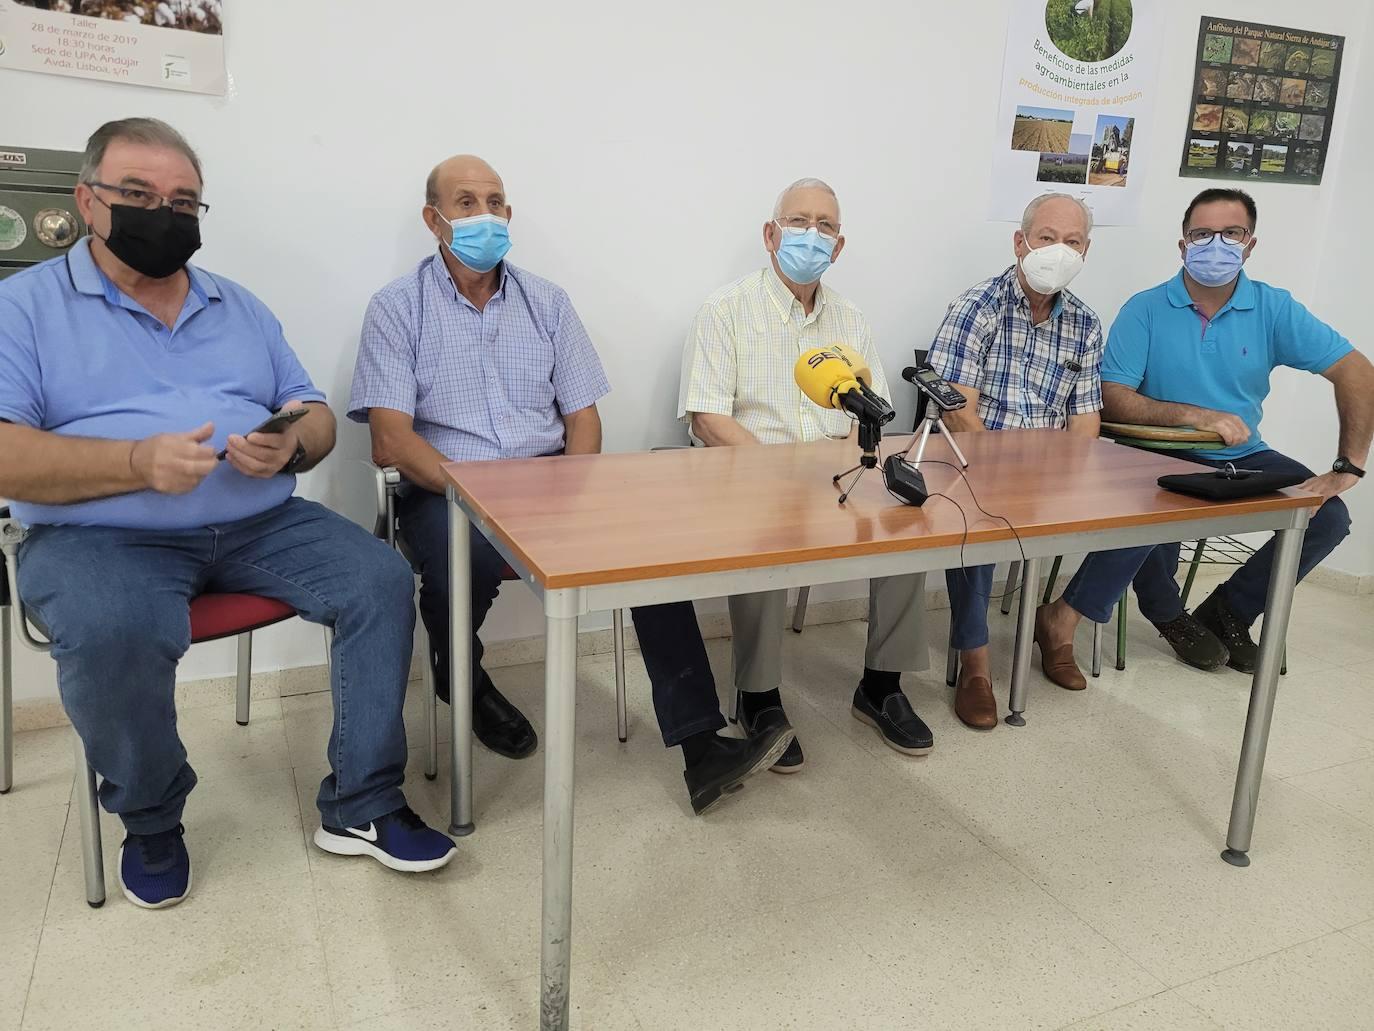 La justicia obliga a indemnizar a los afectados por las riadas de 2010 en el municipio